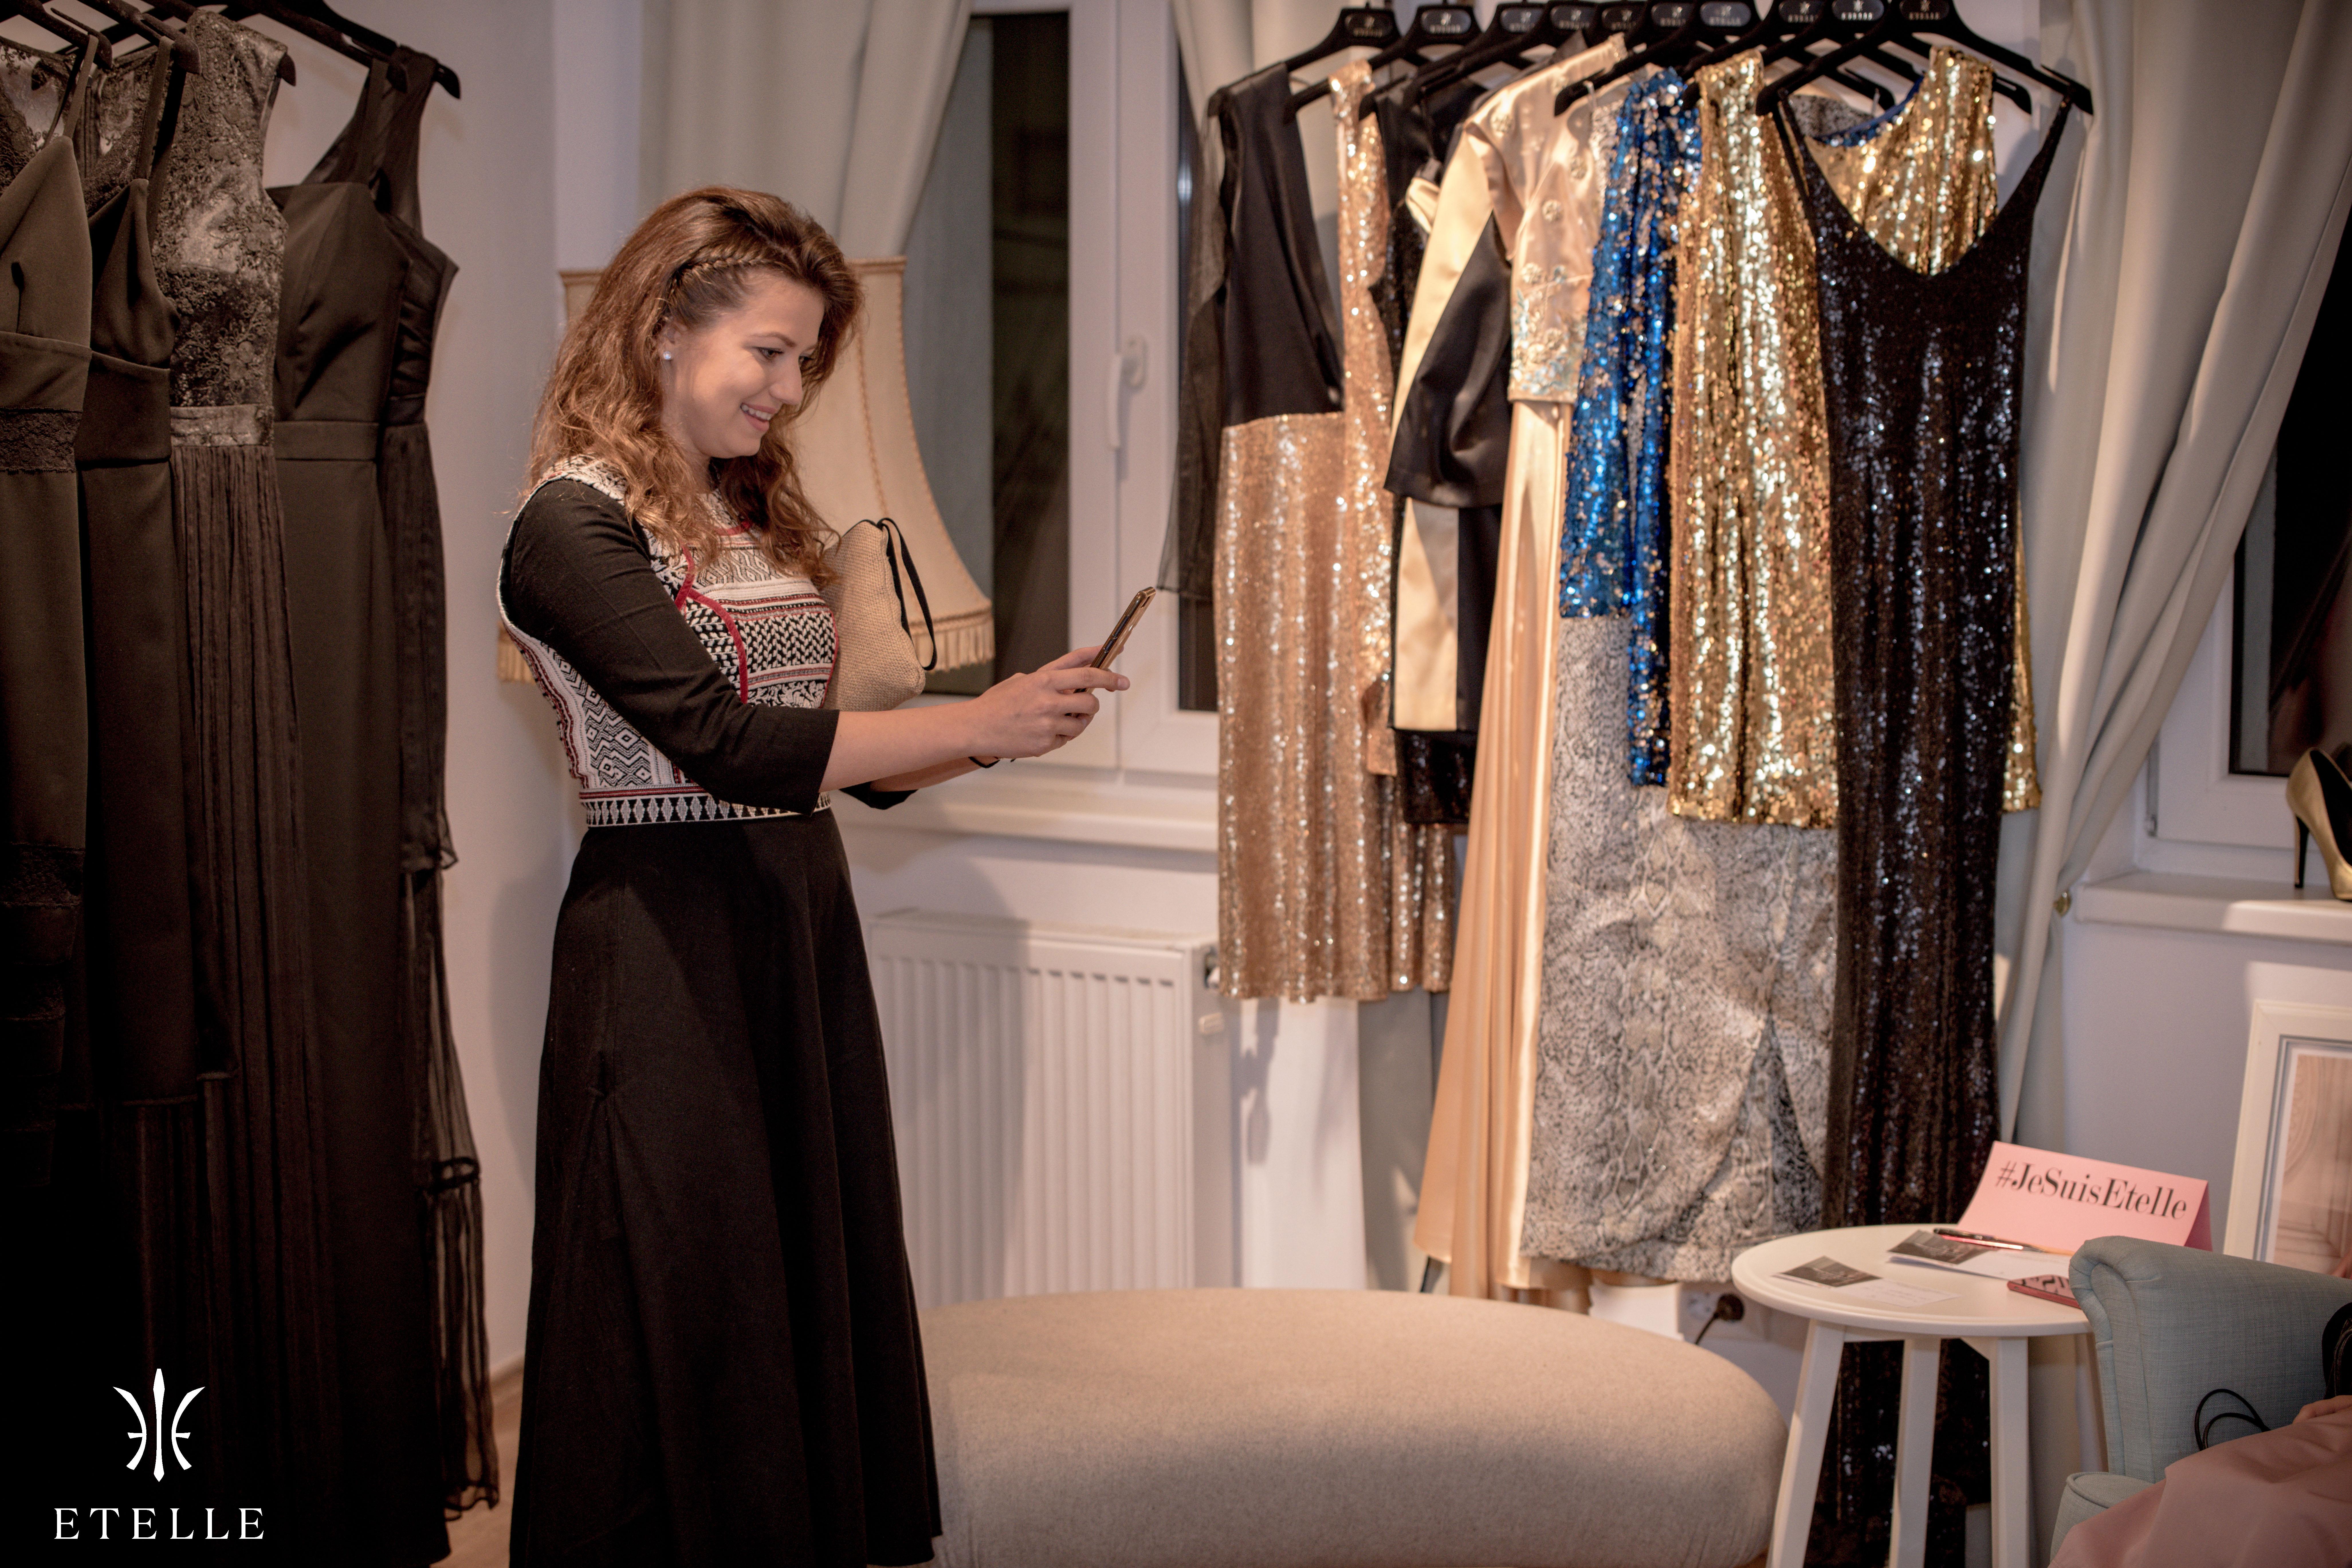 Fashion Brand - Etelle - București - Glamour Soiree a la Maison Etelle (5)